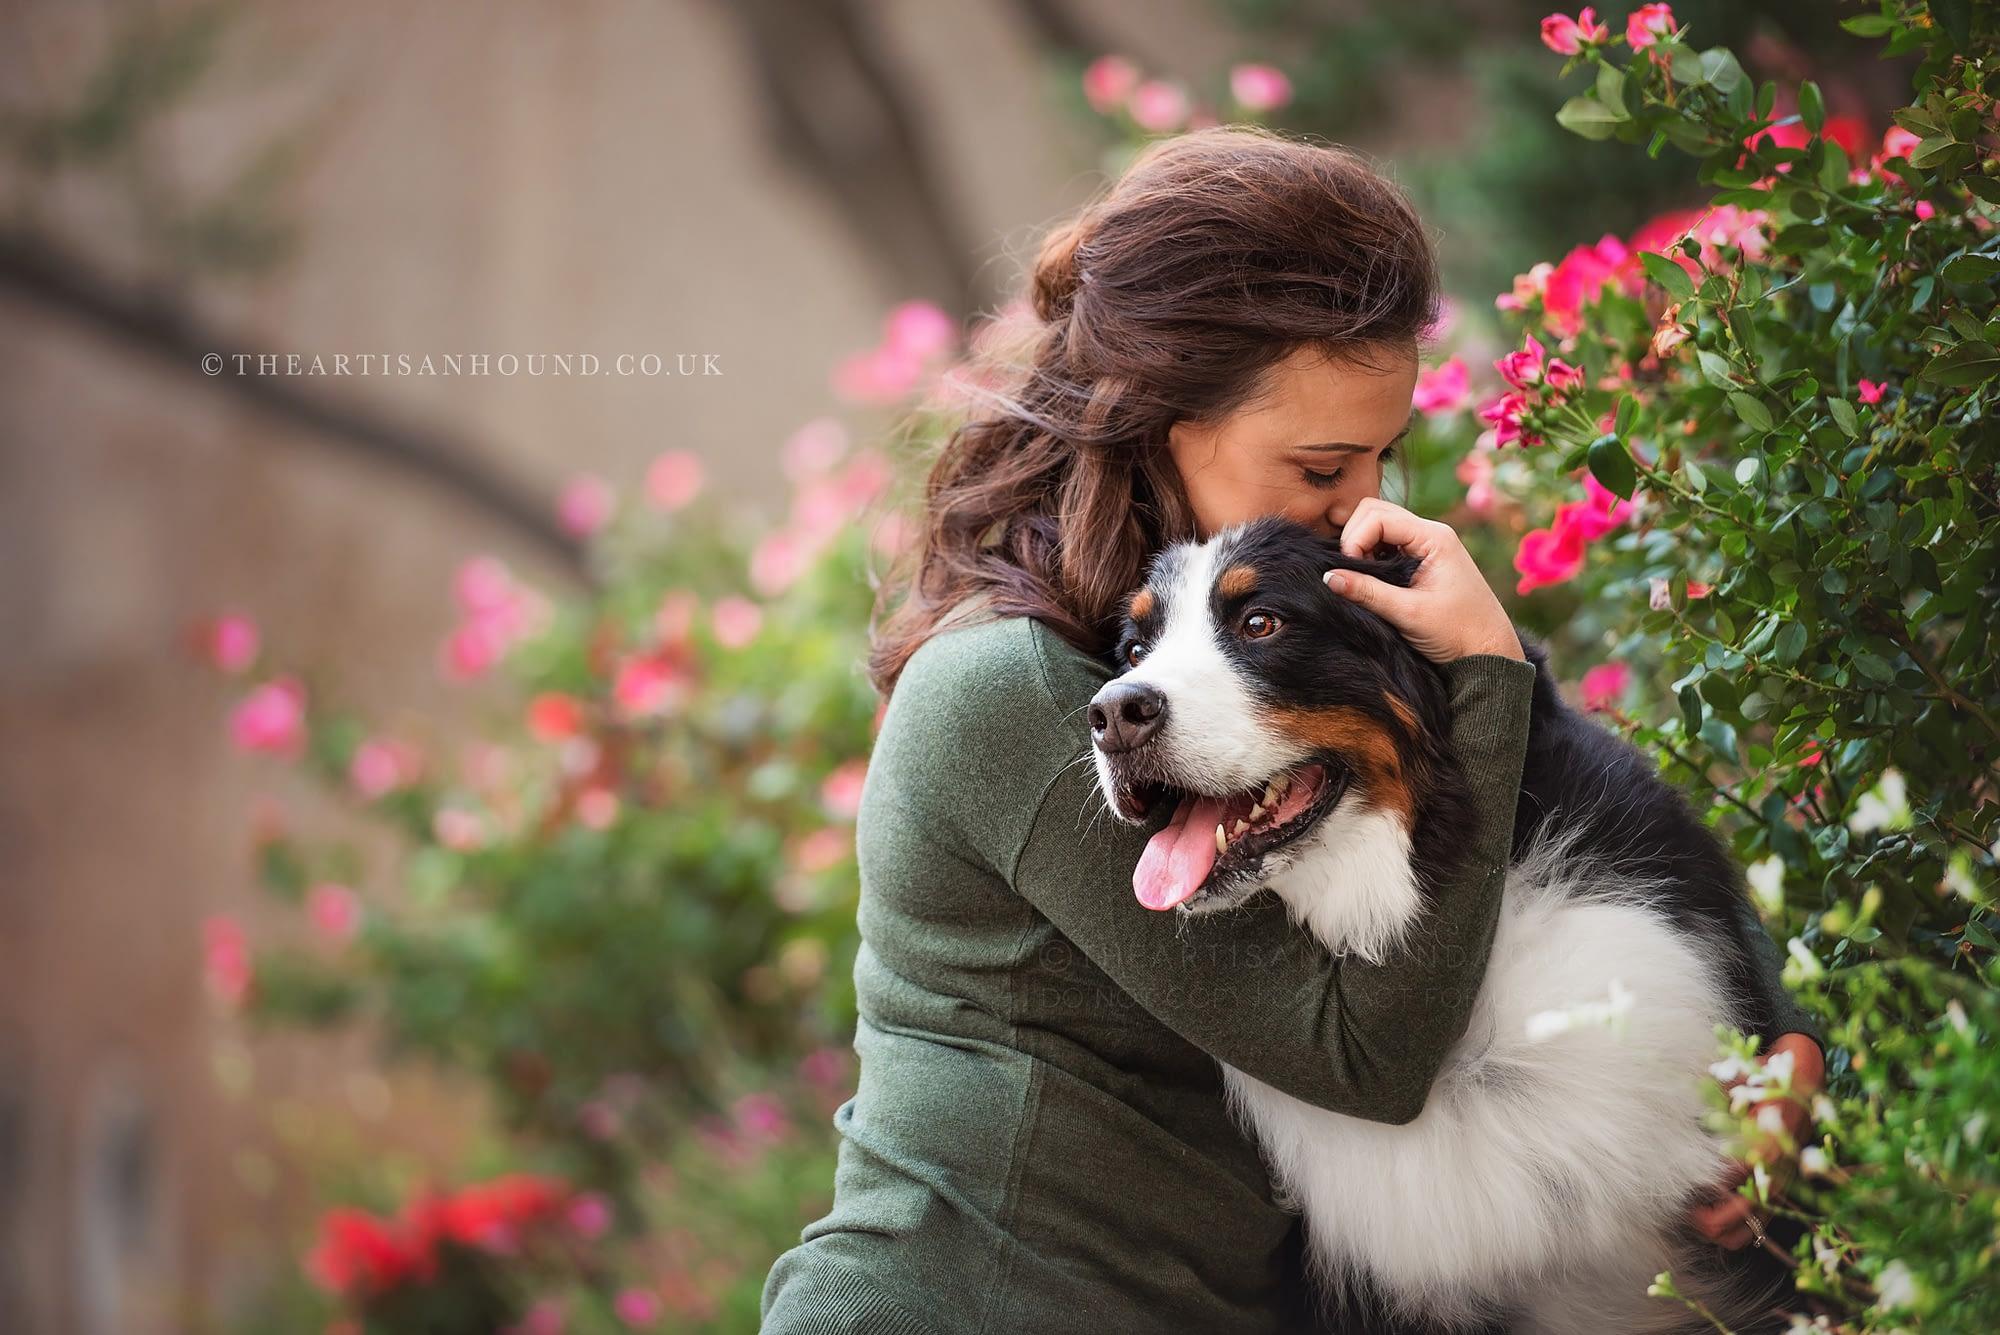 Owner cuddling dog near flowers